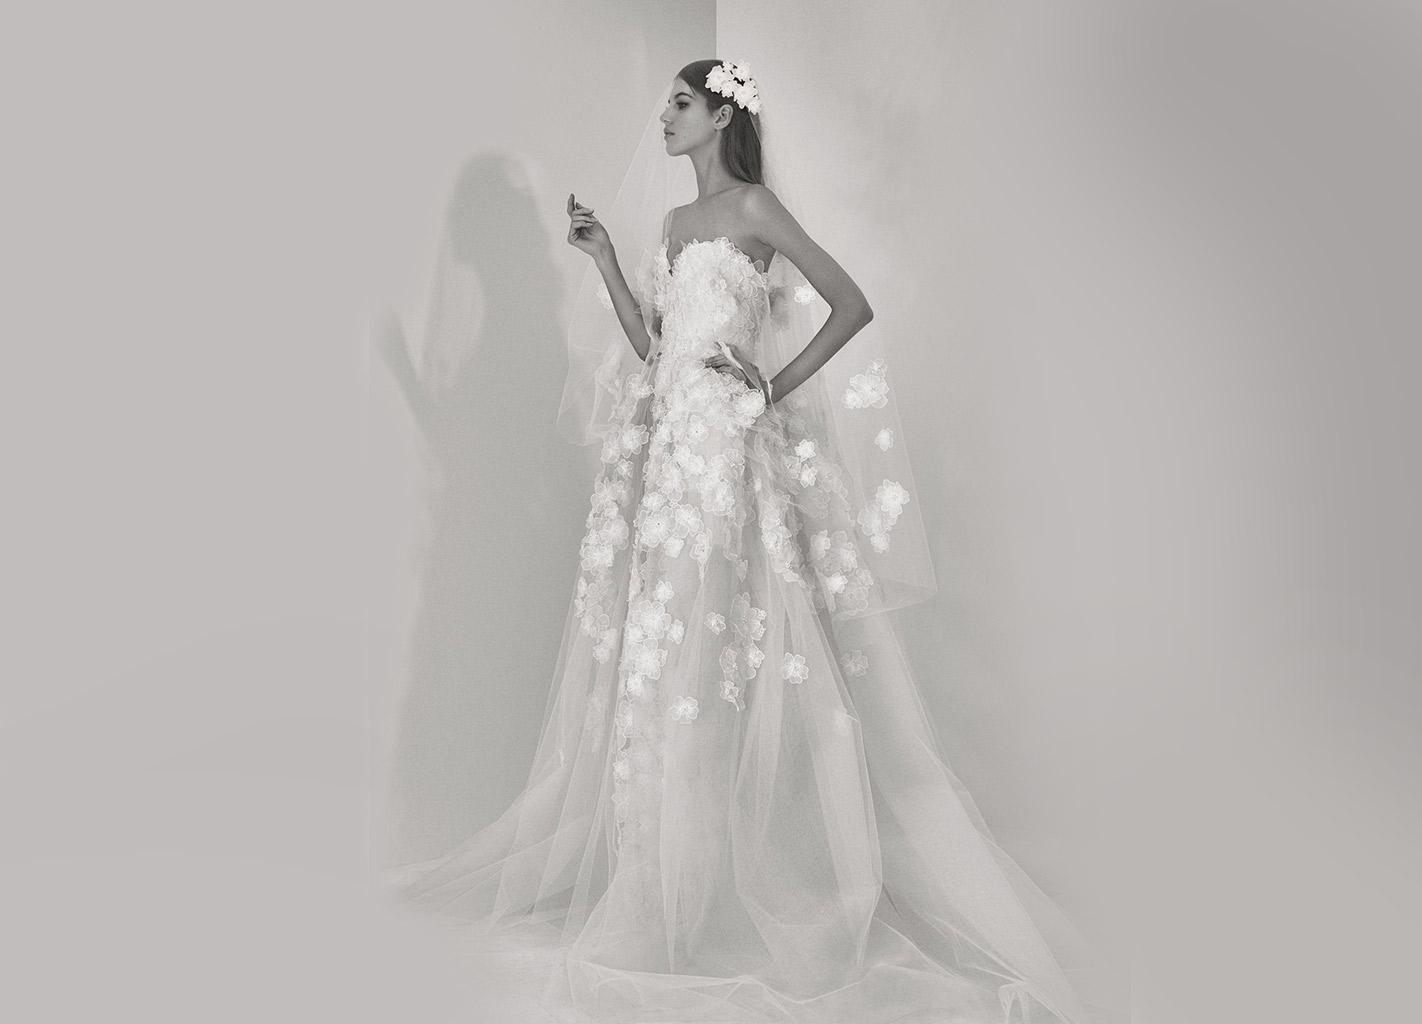 بالصور صور بدلات عرايس , اجمل الفساتين وادق تفاصيل الجمال 619 3